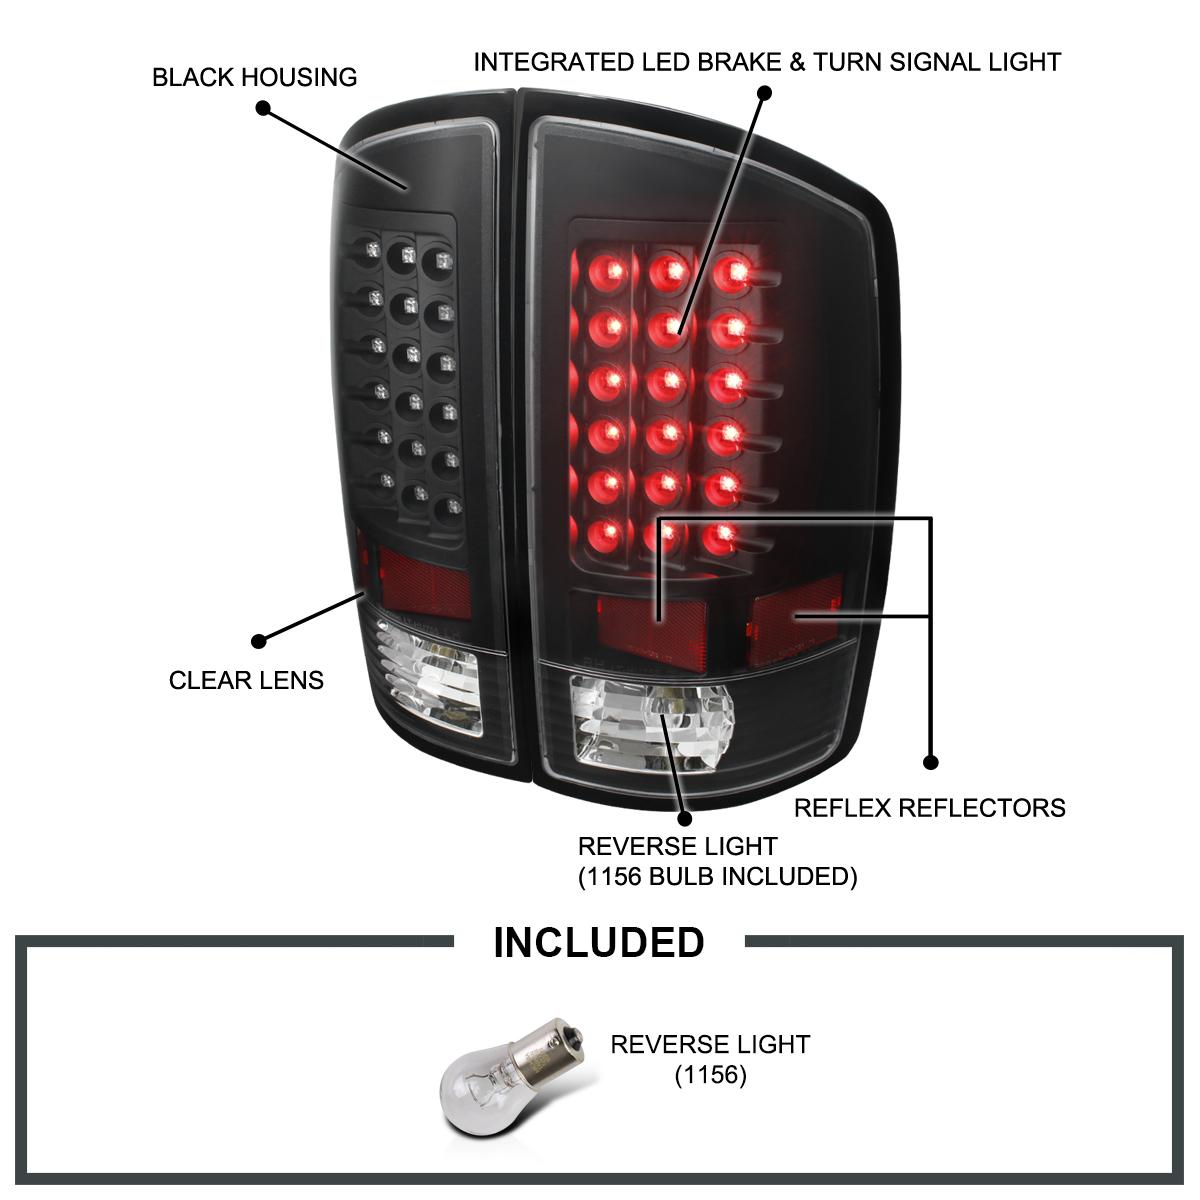 4PCS LED Rear Tail Lights Bulbs For 2007-2008 Dodge Ram 1500 2500 3500 us ship